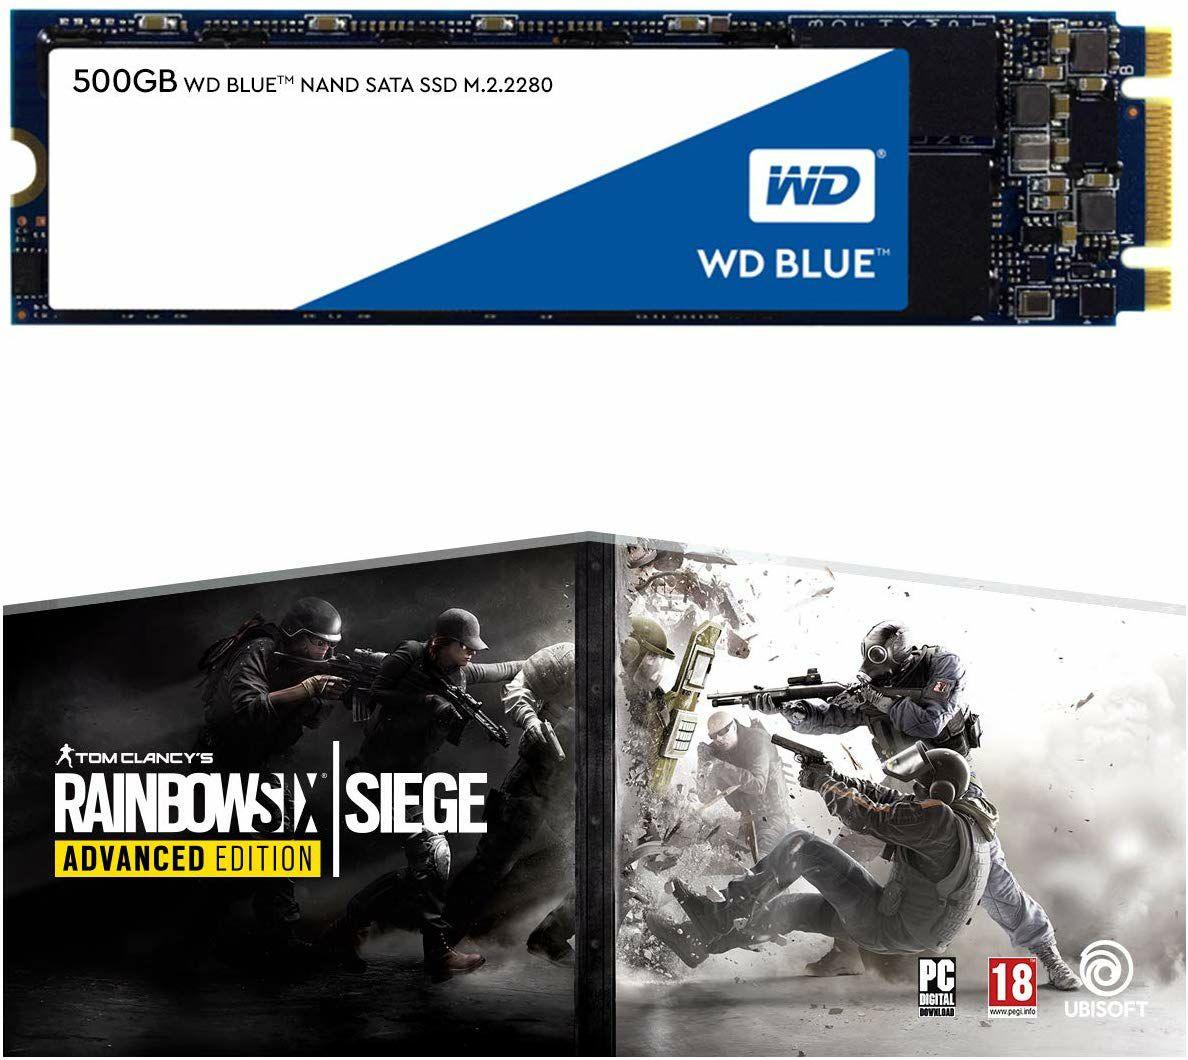 Western Digital Blue interne SATA SSD M.2 - 500GB + Tom Clancy's Rainbow Six: Siege Advanced Edition (Amazon.it)